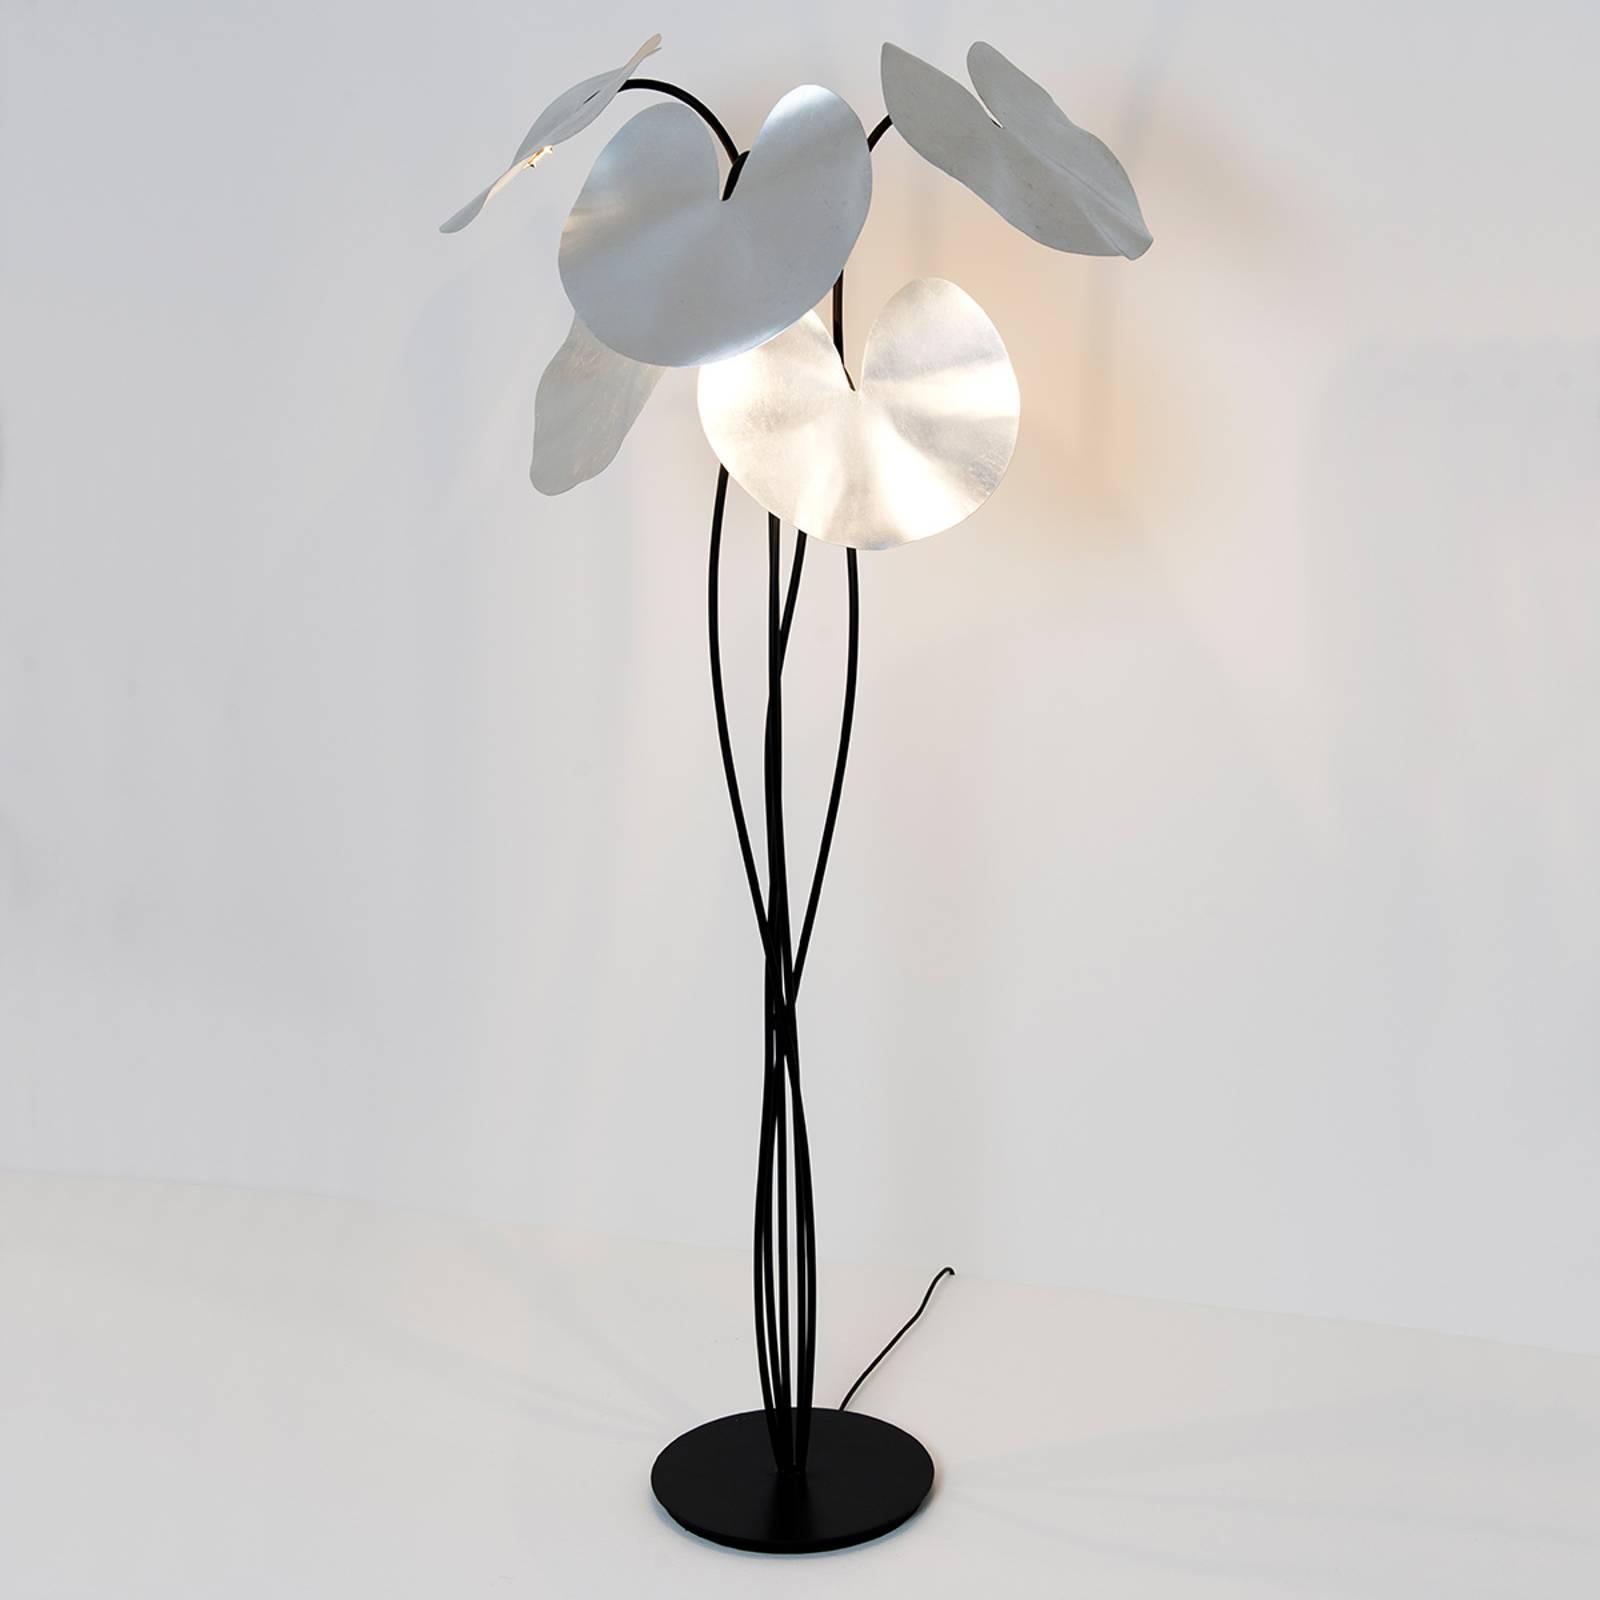 Lampadaire Controversia LED, abat-jour argenté